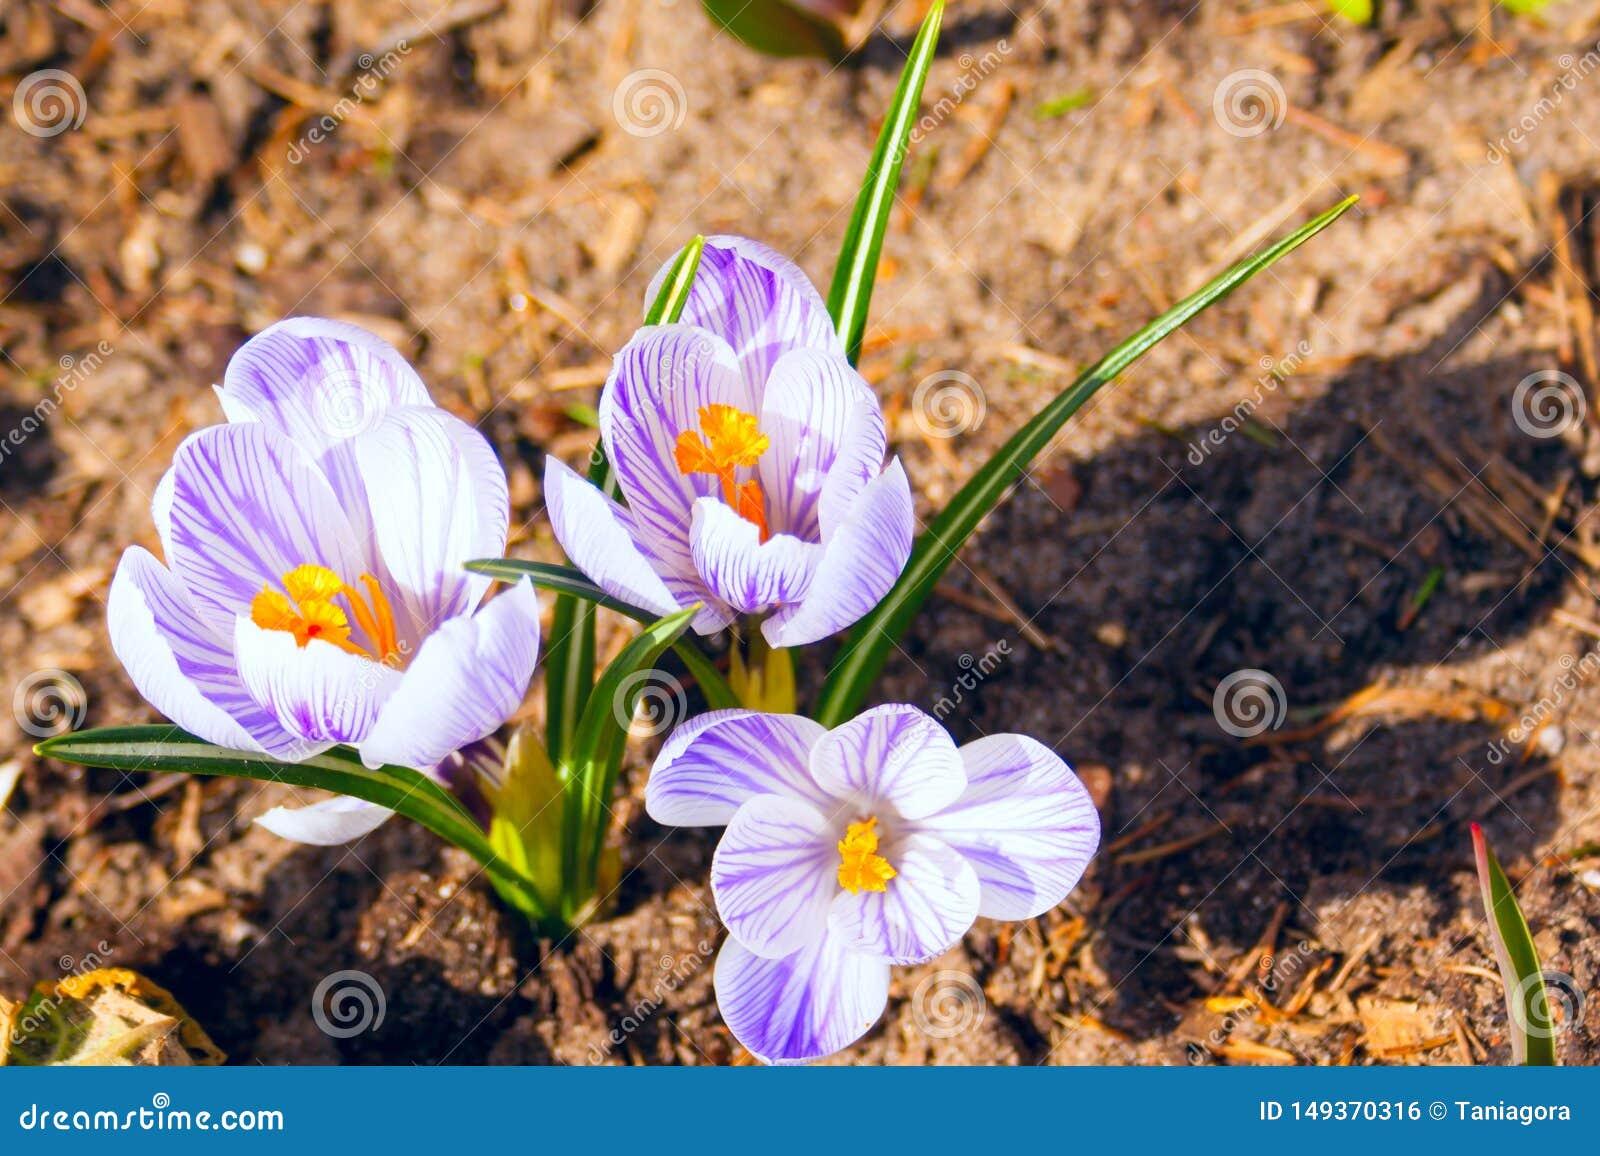 Tło białego fiołka wiosny krokusy